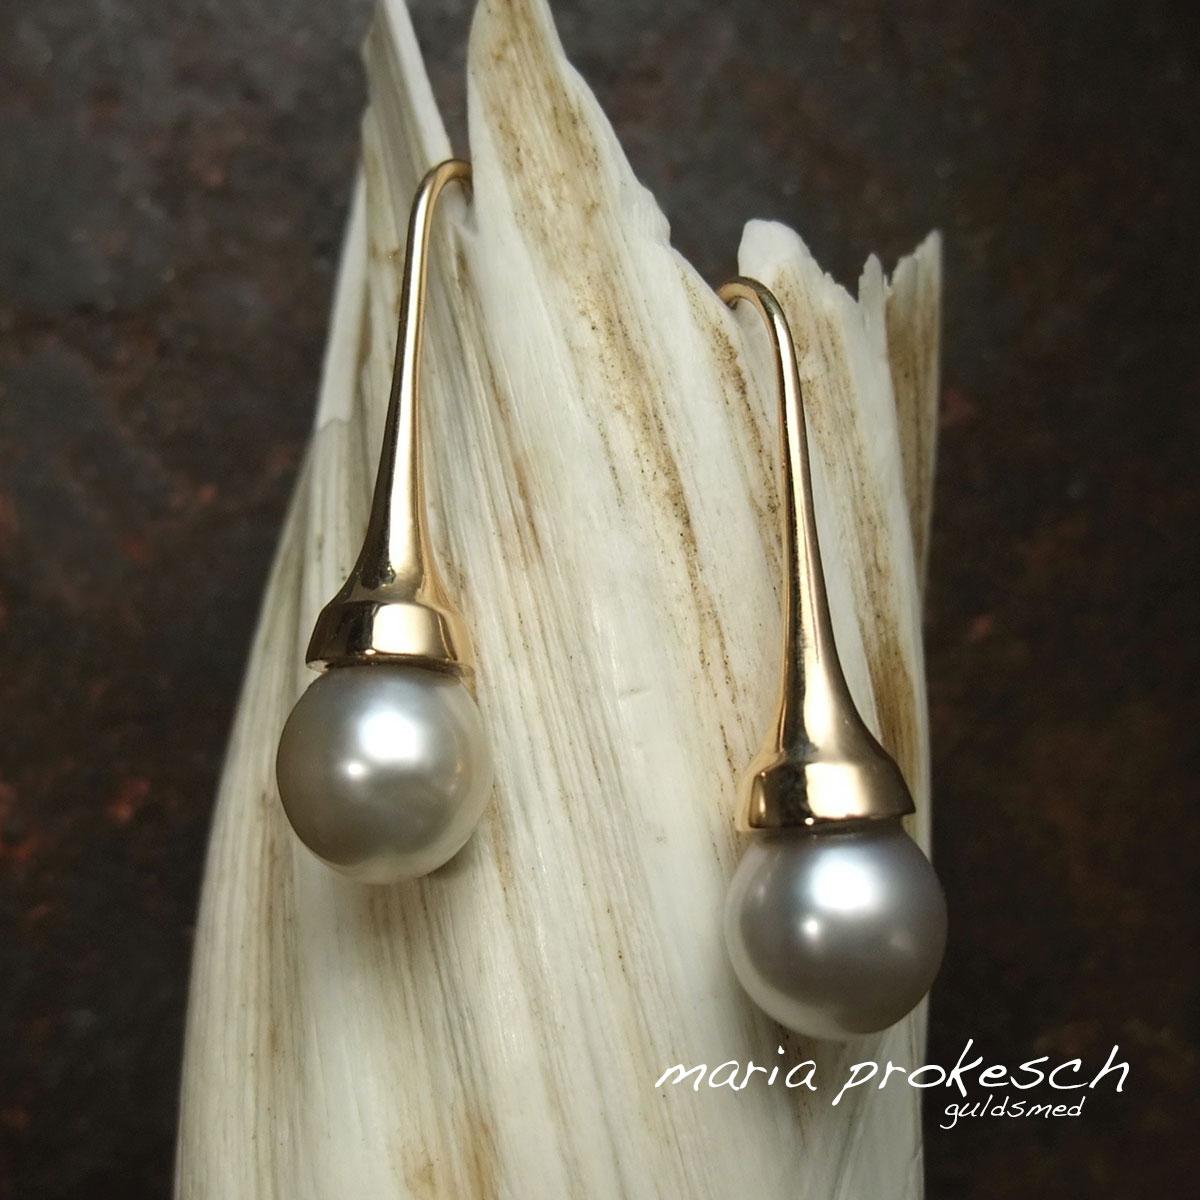 Tahitiperler i ørehængere i 18 kt guld, enkelt design. Håndlavede af guldsmeden